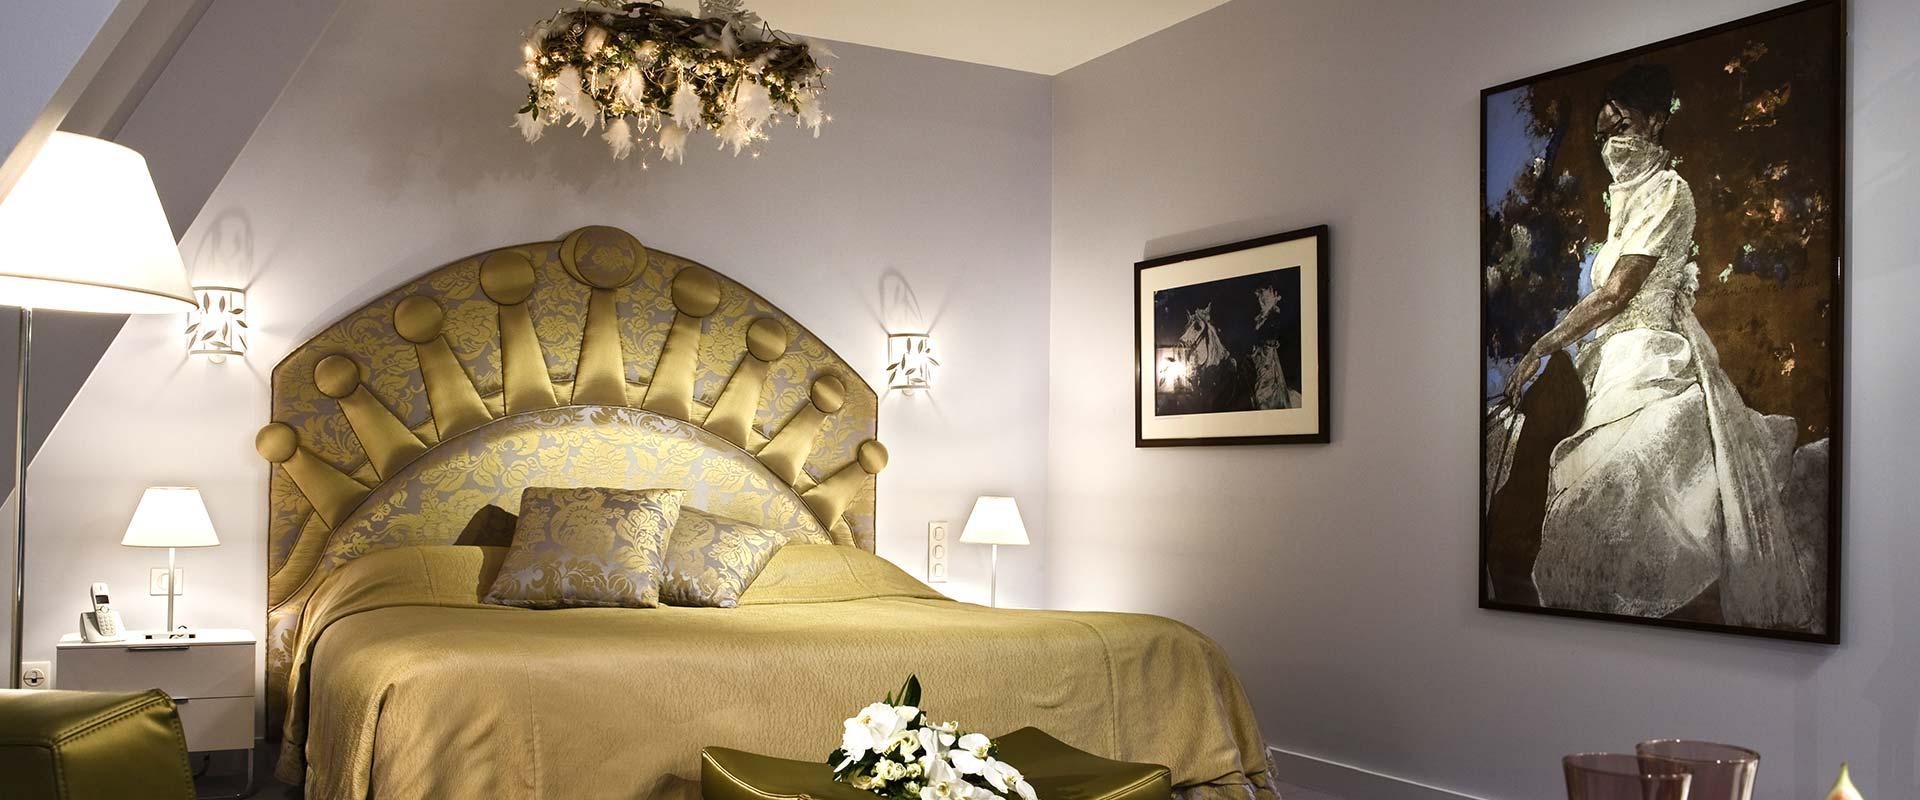 chambre-de-luxe-la-mariee